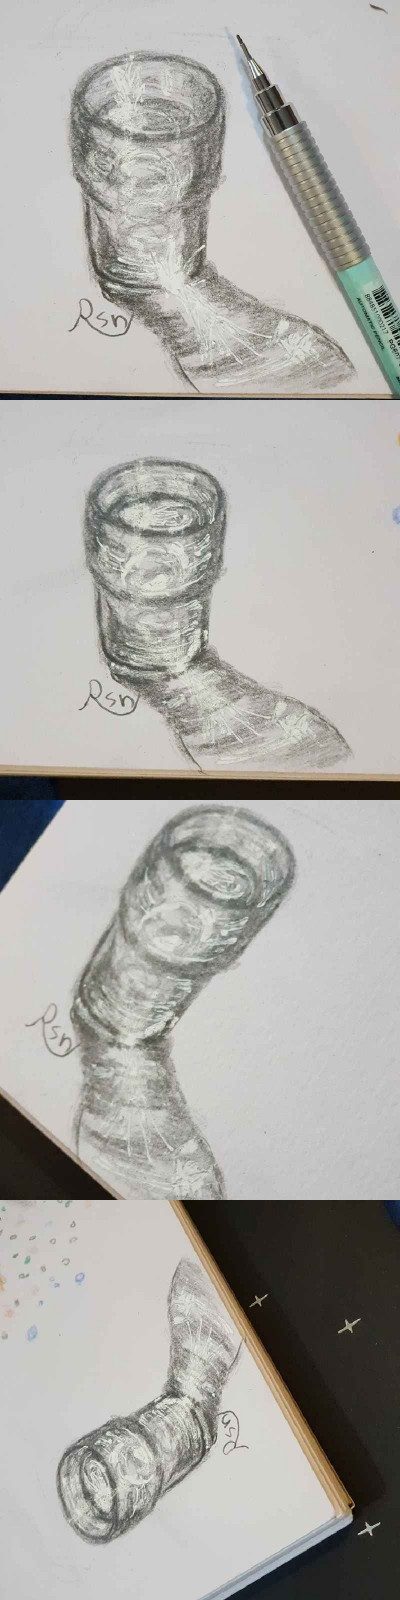 Still life Digital Drawing   Sh_Fd72   PENUP